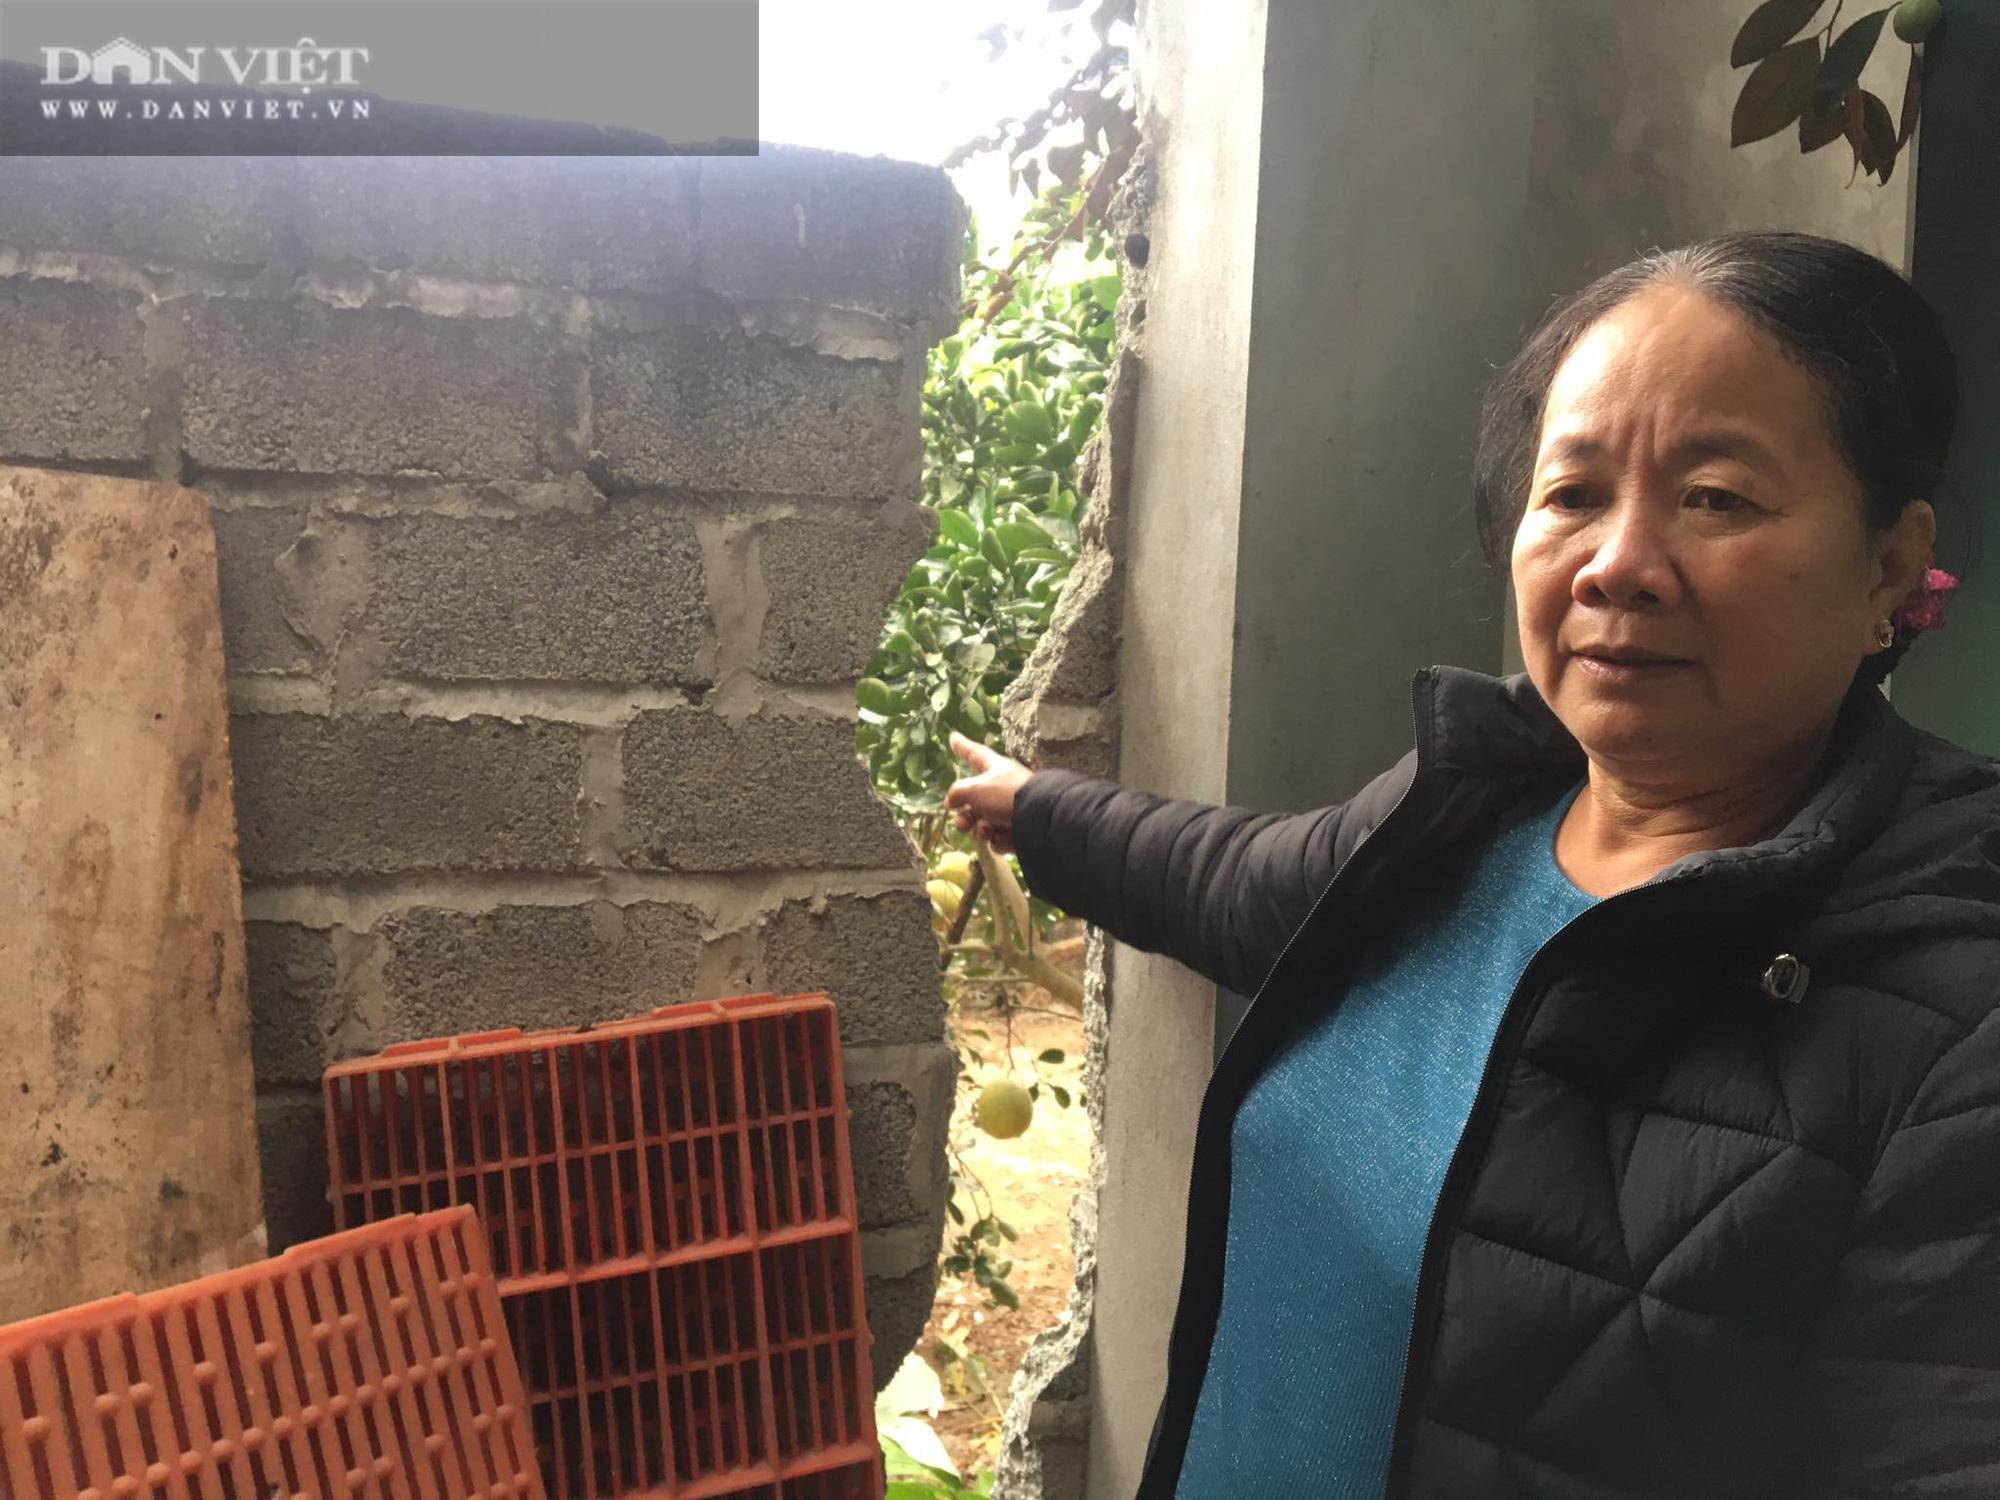 Phú Thọ: Dự án Whyndham từ giao bán trái phép, chưa có đánh giá ĐTM và hơn 10 nhà dân bị nứt - Ảnh 3.